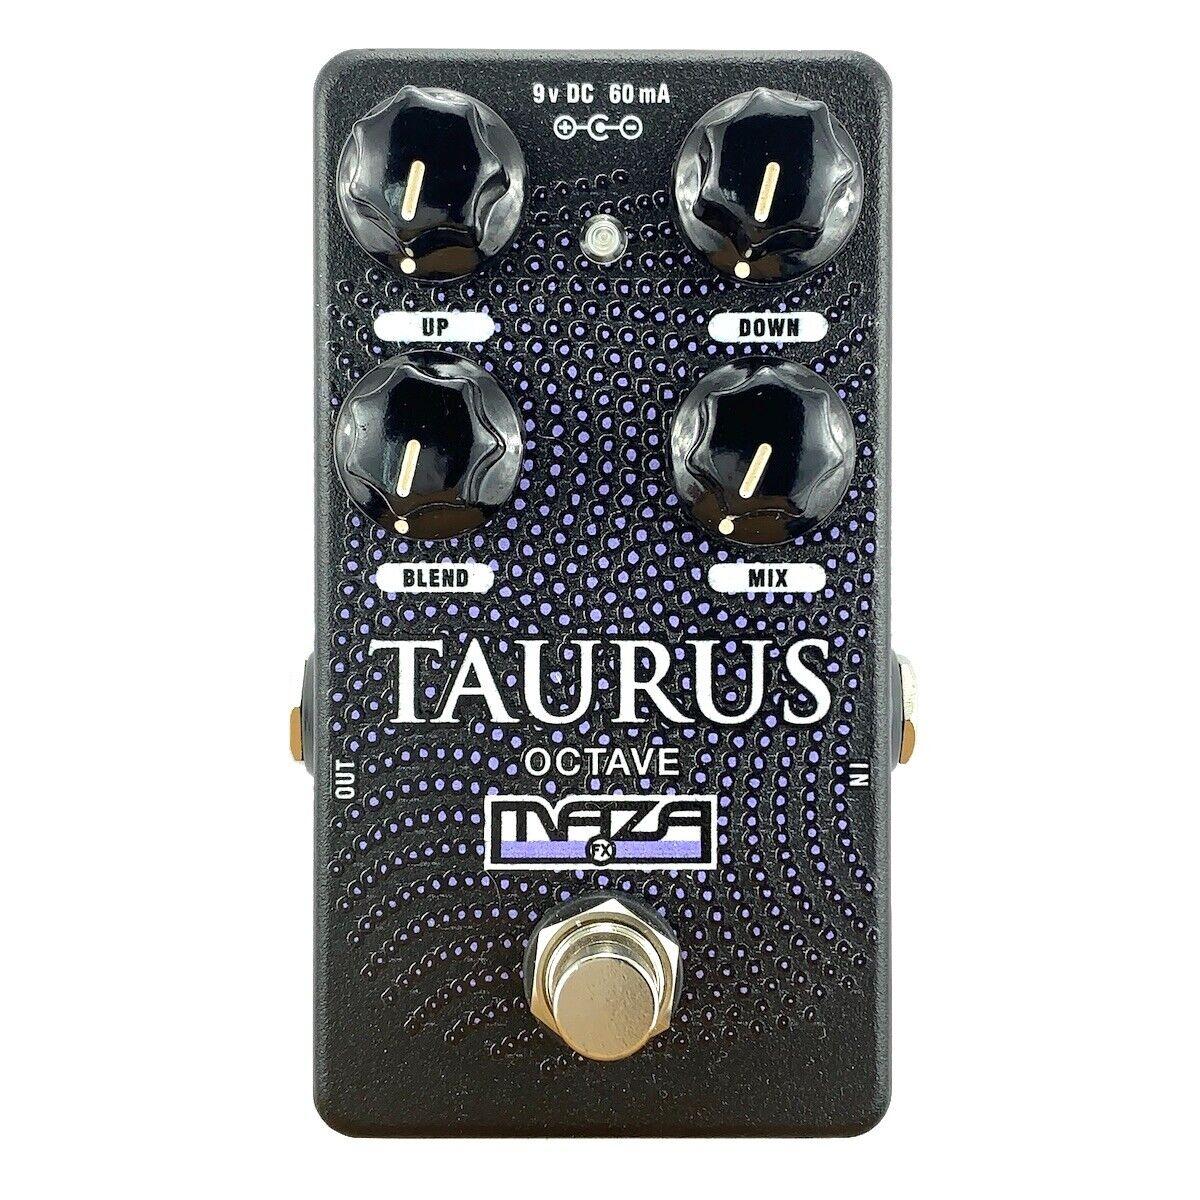 Maza Fx Oktave Gitarre Pedal - Taurus